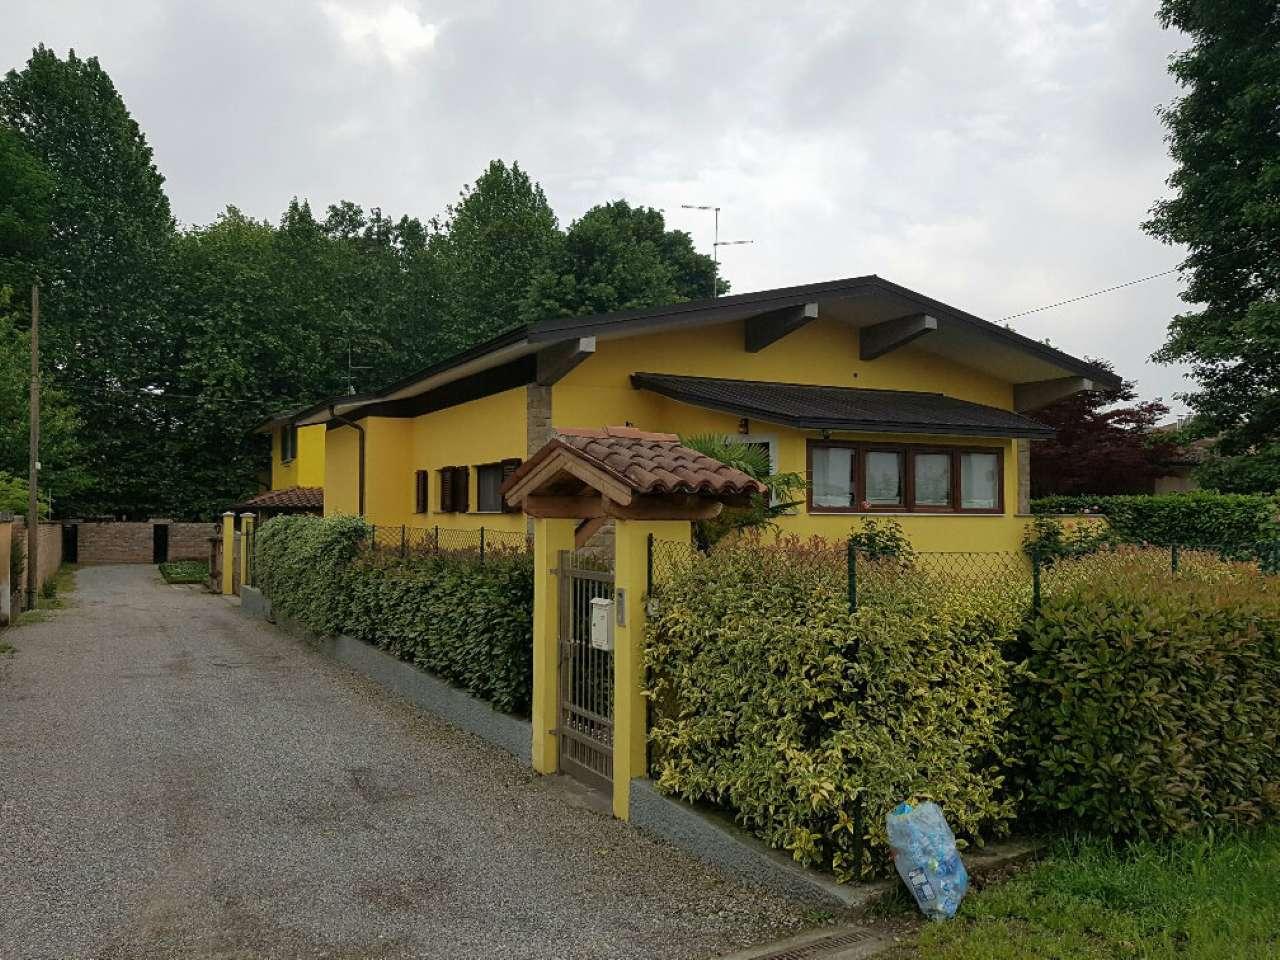 Villa in vendita a Crema, 7 locali, prezzo € 330.000 | CambioCasa.it